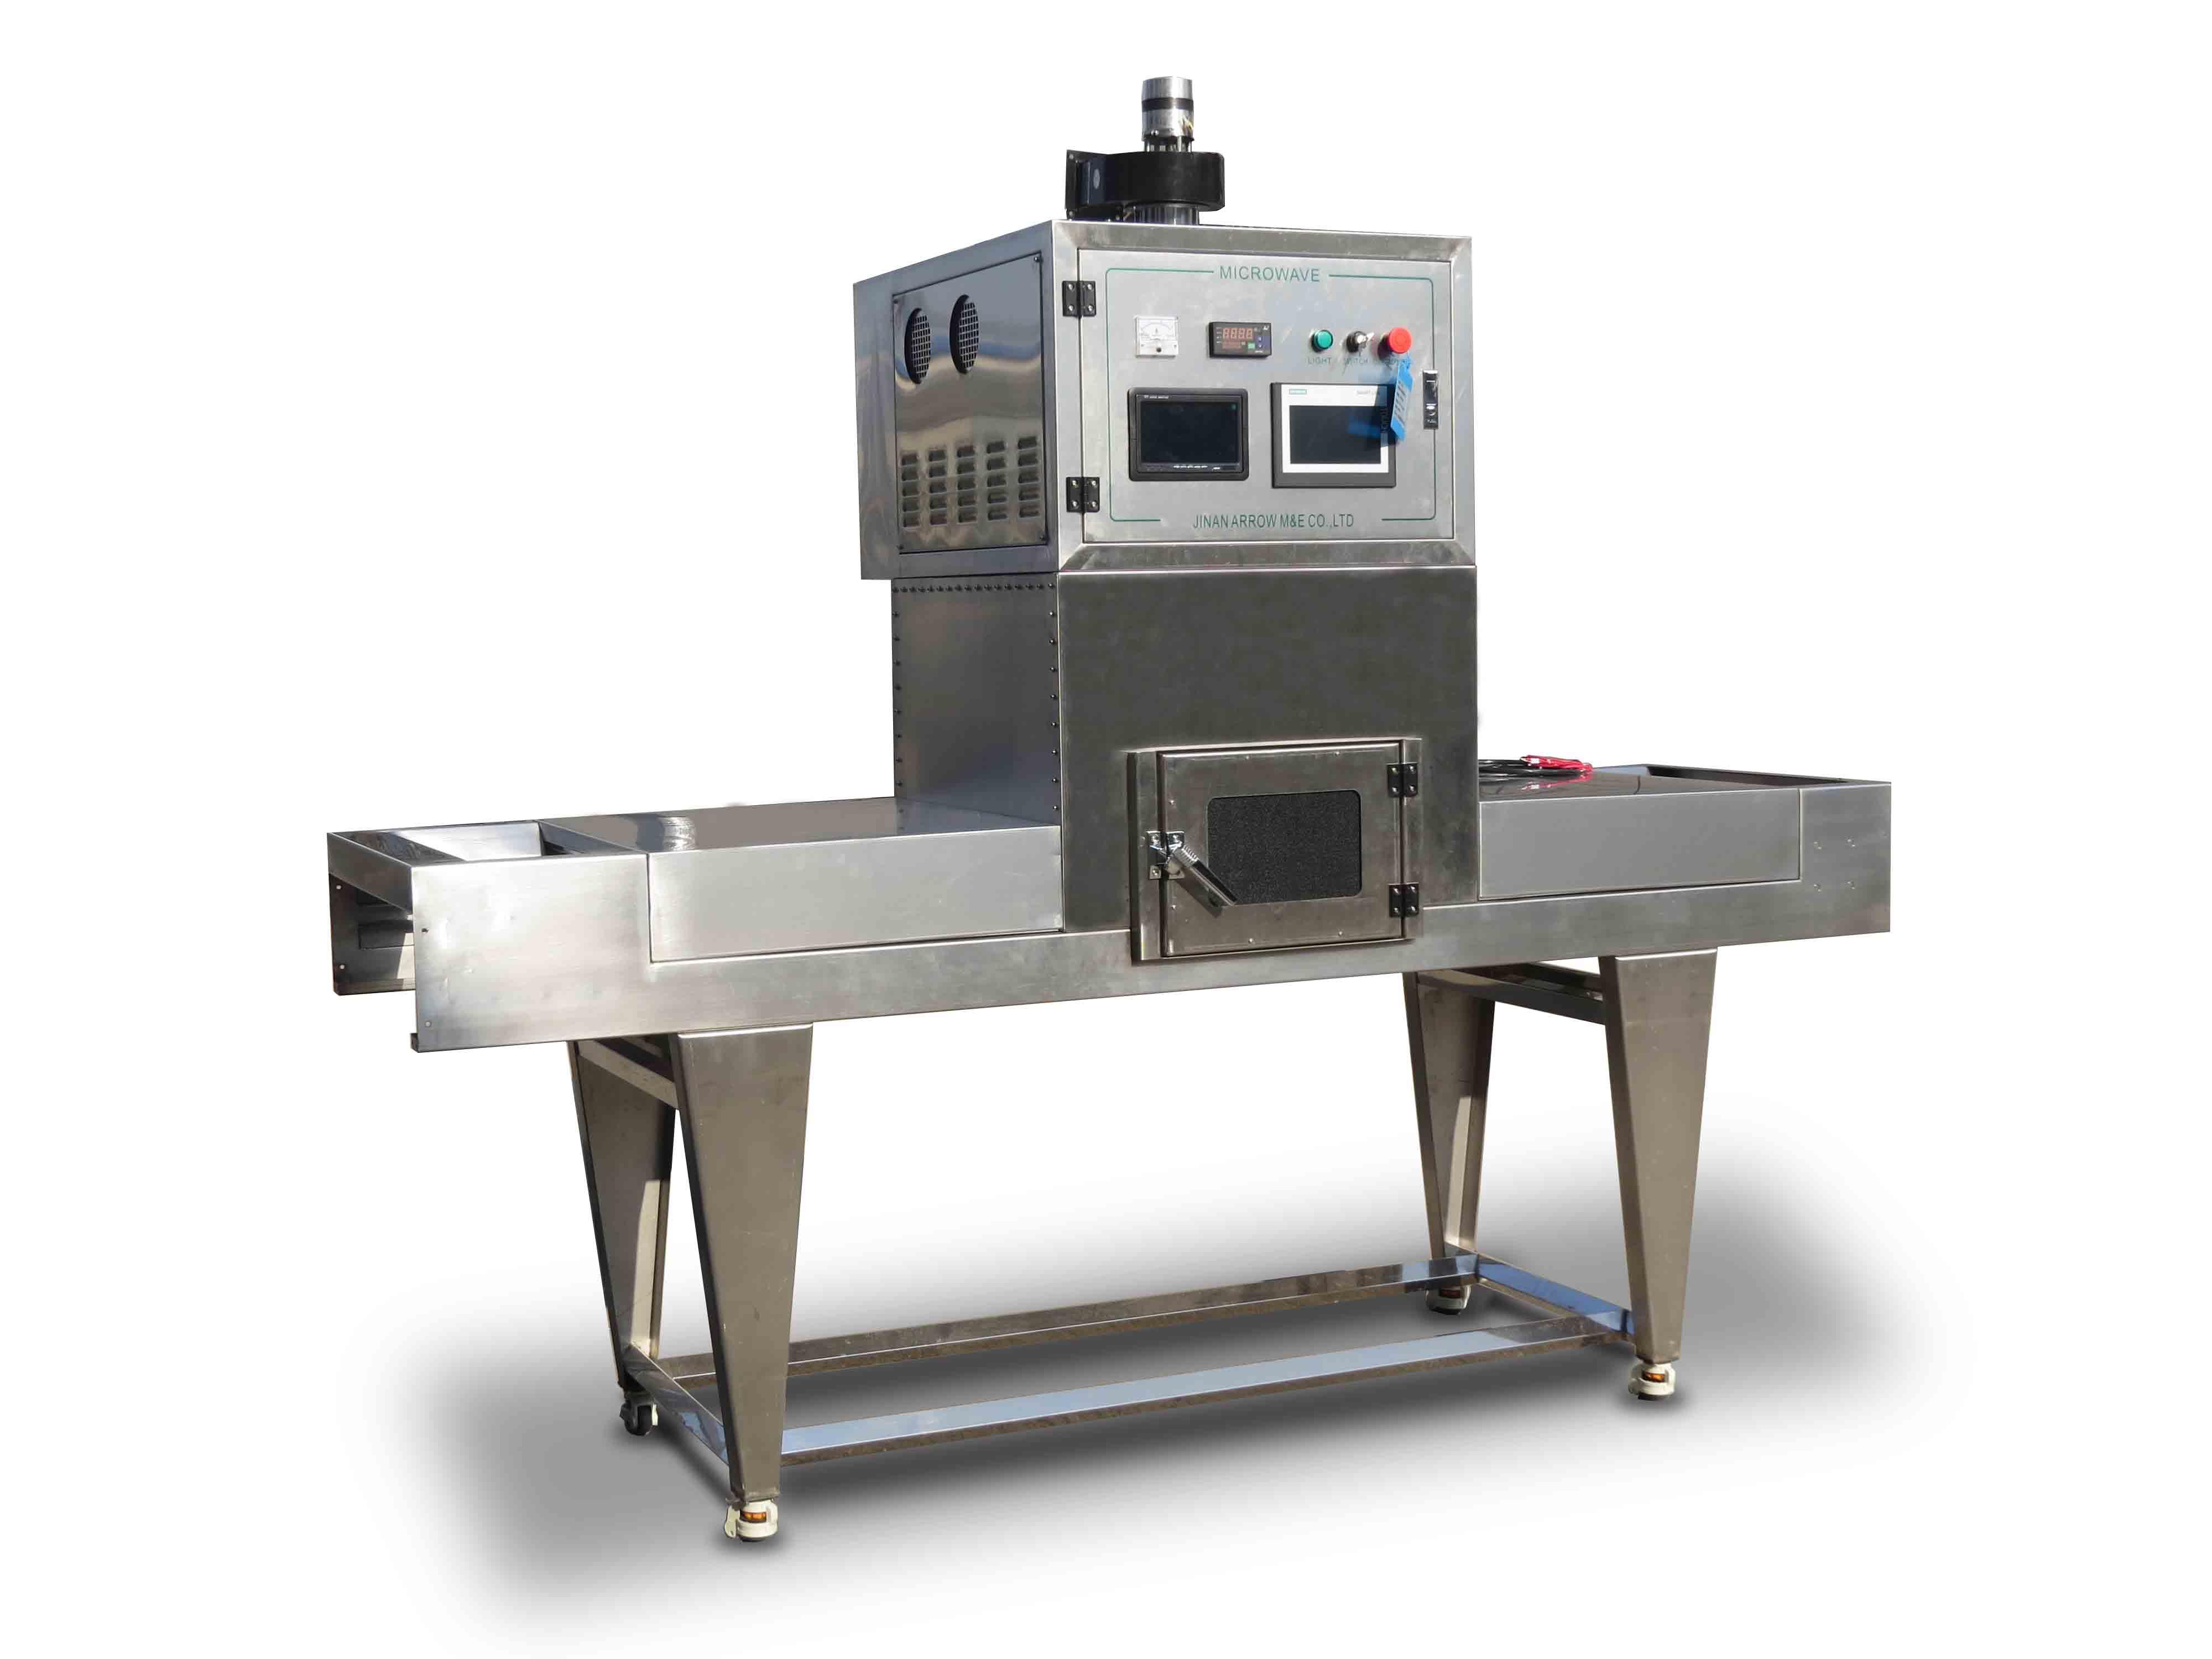 Использование механического микроволнового оборудования Zhennuo